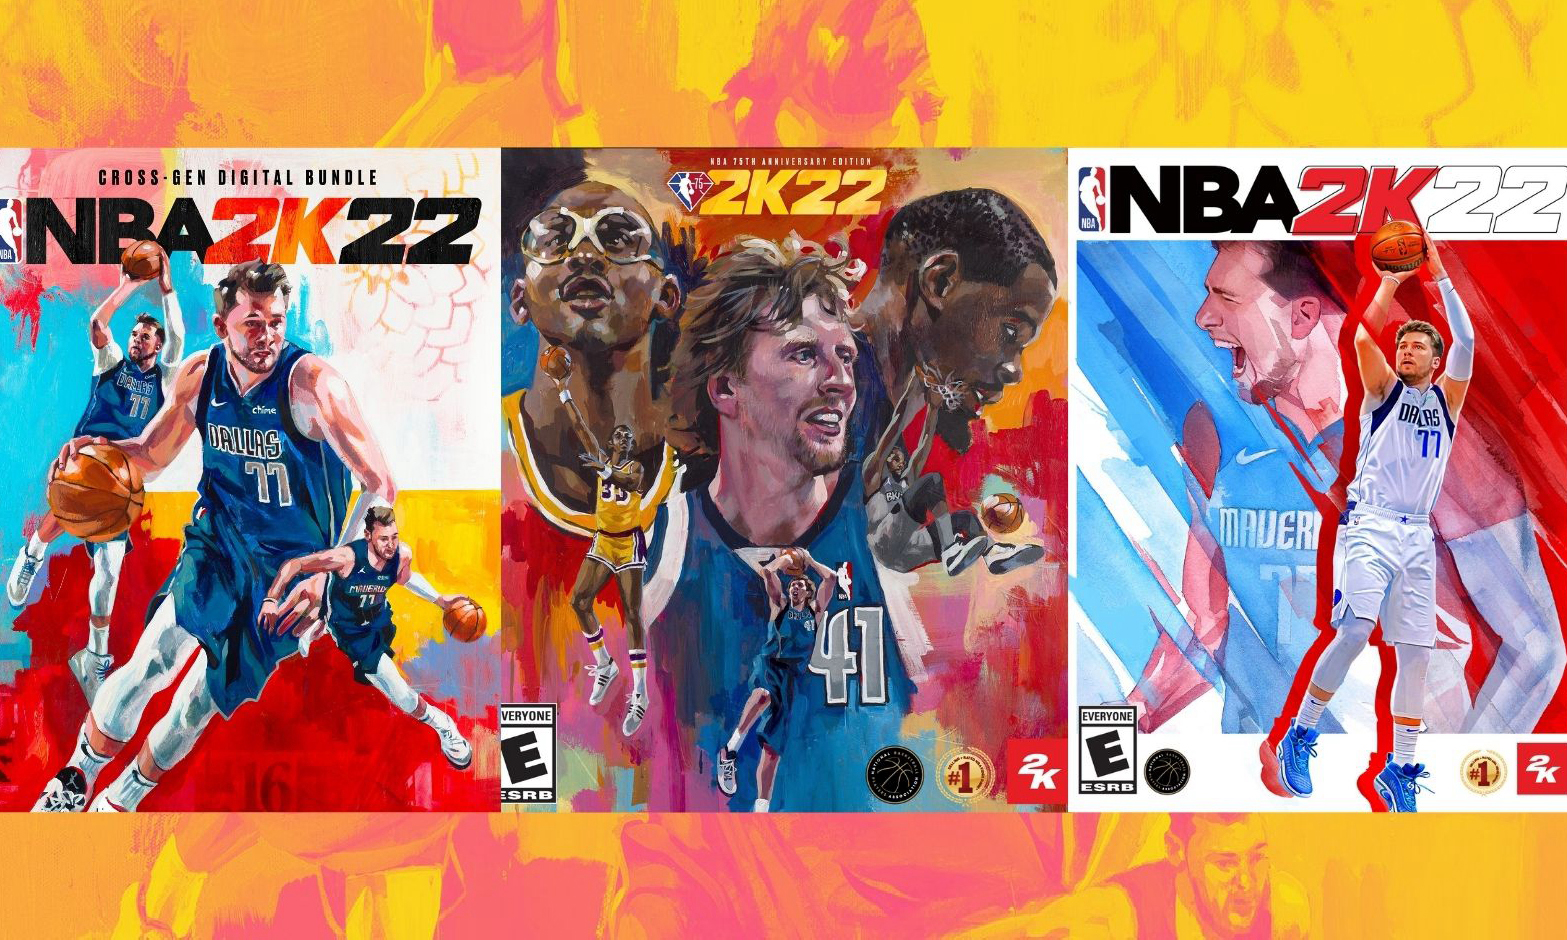 《NBA 2K22》封面人物正式公开